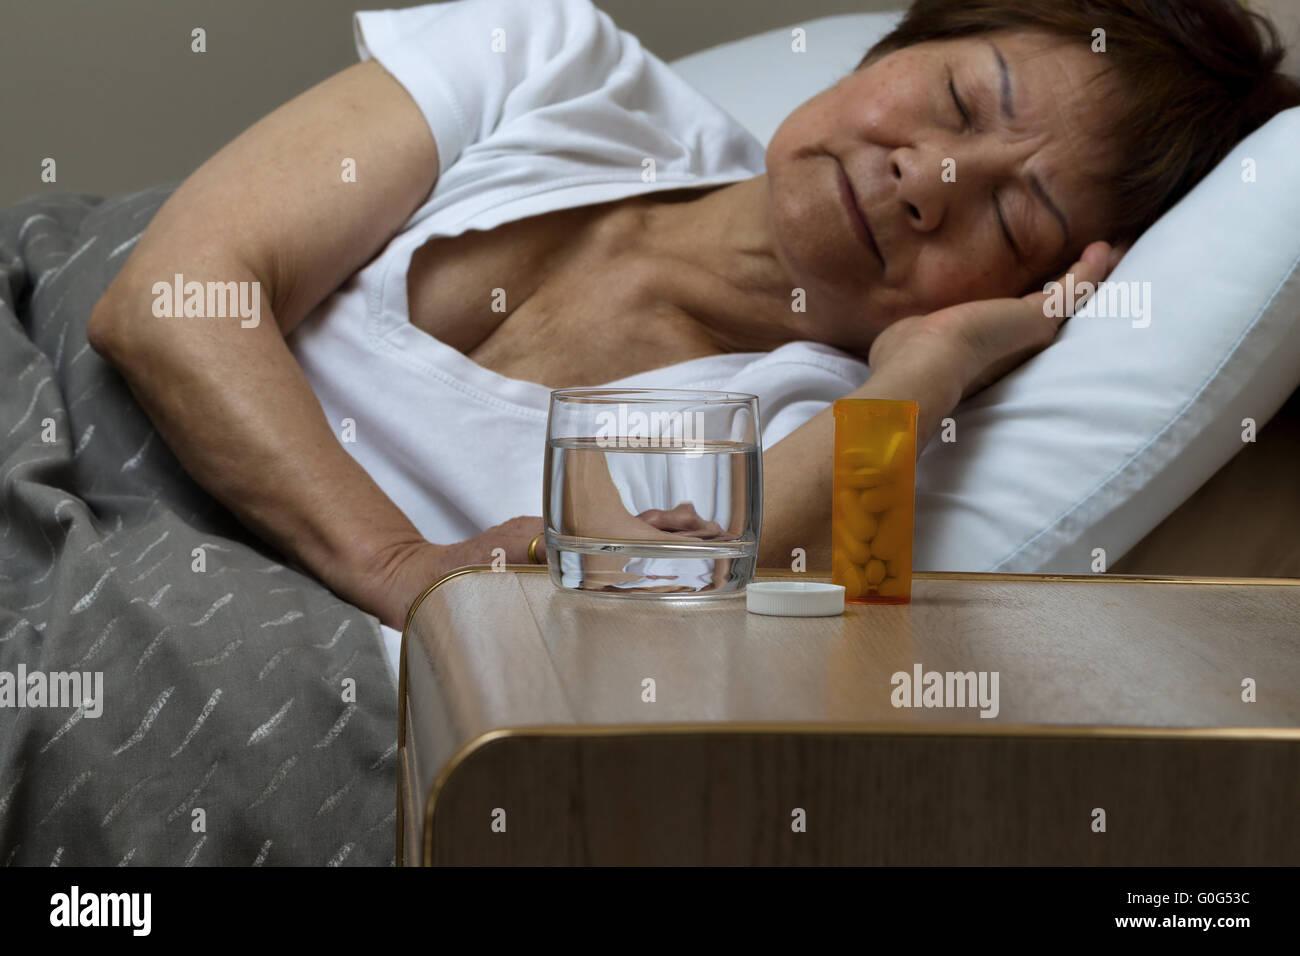 Botella de medicamentos y agua con altos mujer durmiendo en segundo plano. Foto de stock